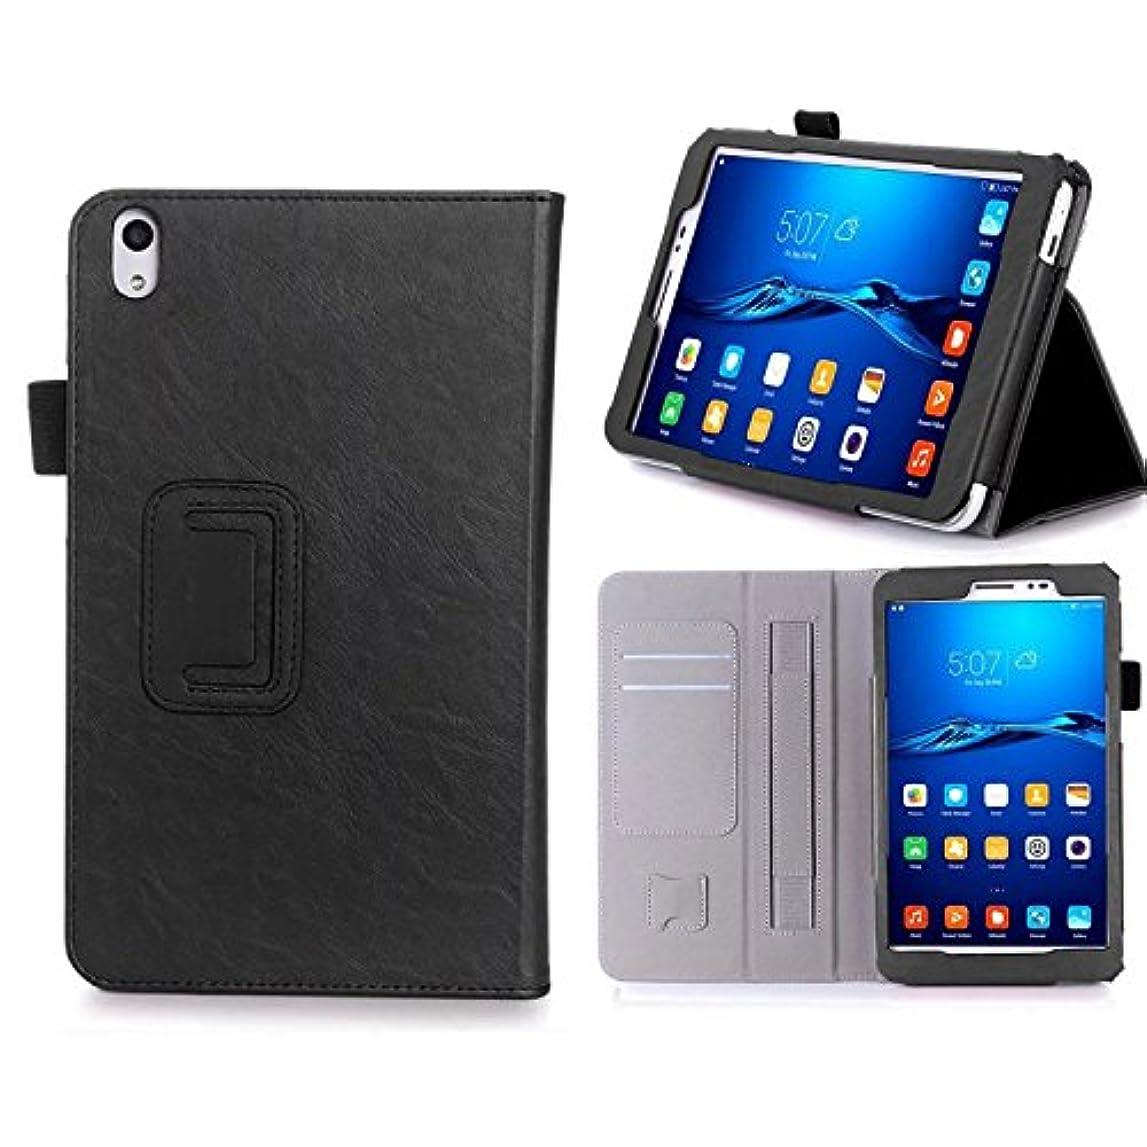 禁止経験急行するHuawei MediaPad T2 8.0 Pro ケース,【ELTD】Huawei MediaPad T2 8.0 Pro カバー PUレザーケースマグネット 角度調整スタンド機能 タッチペンホルダー ハンドストラップ付 熱処理カバー Huawei MediaPad T2 8.0 Pro ケース case for Huawei MediaPad T2 8.0 Pro 開閉式 超薄型 最軽量 全面保護型(ブラック)